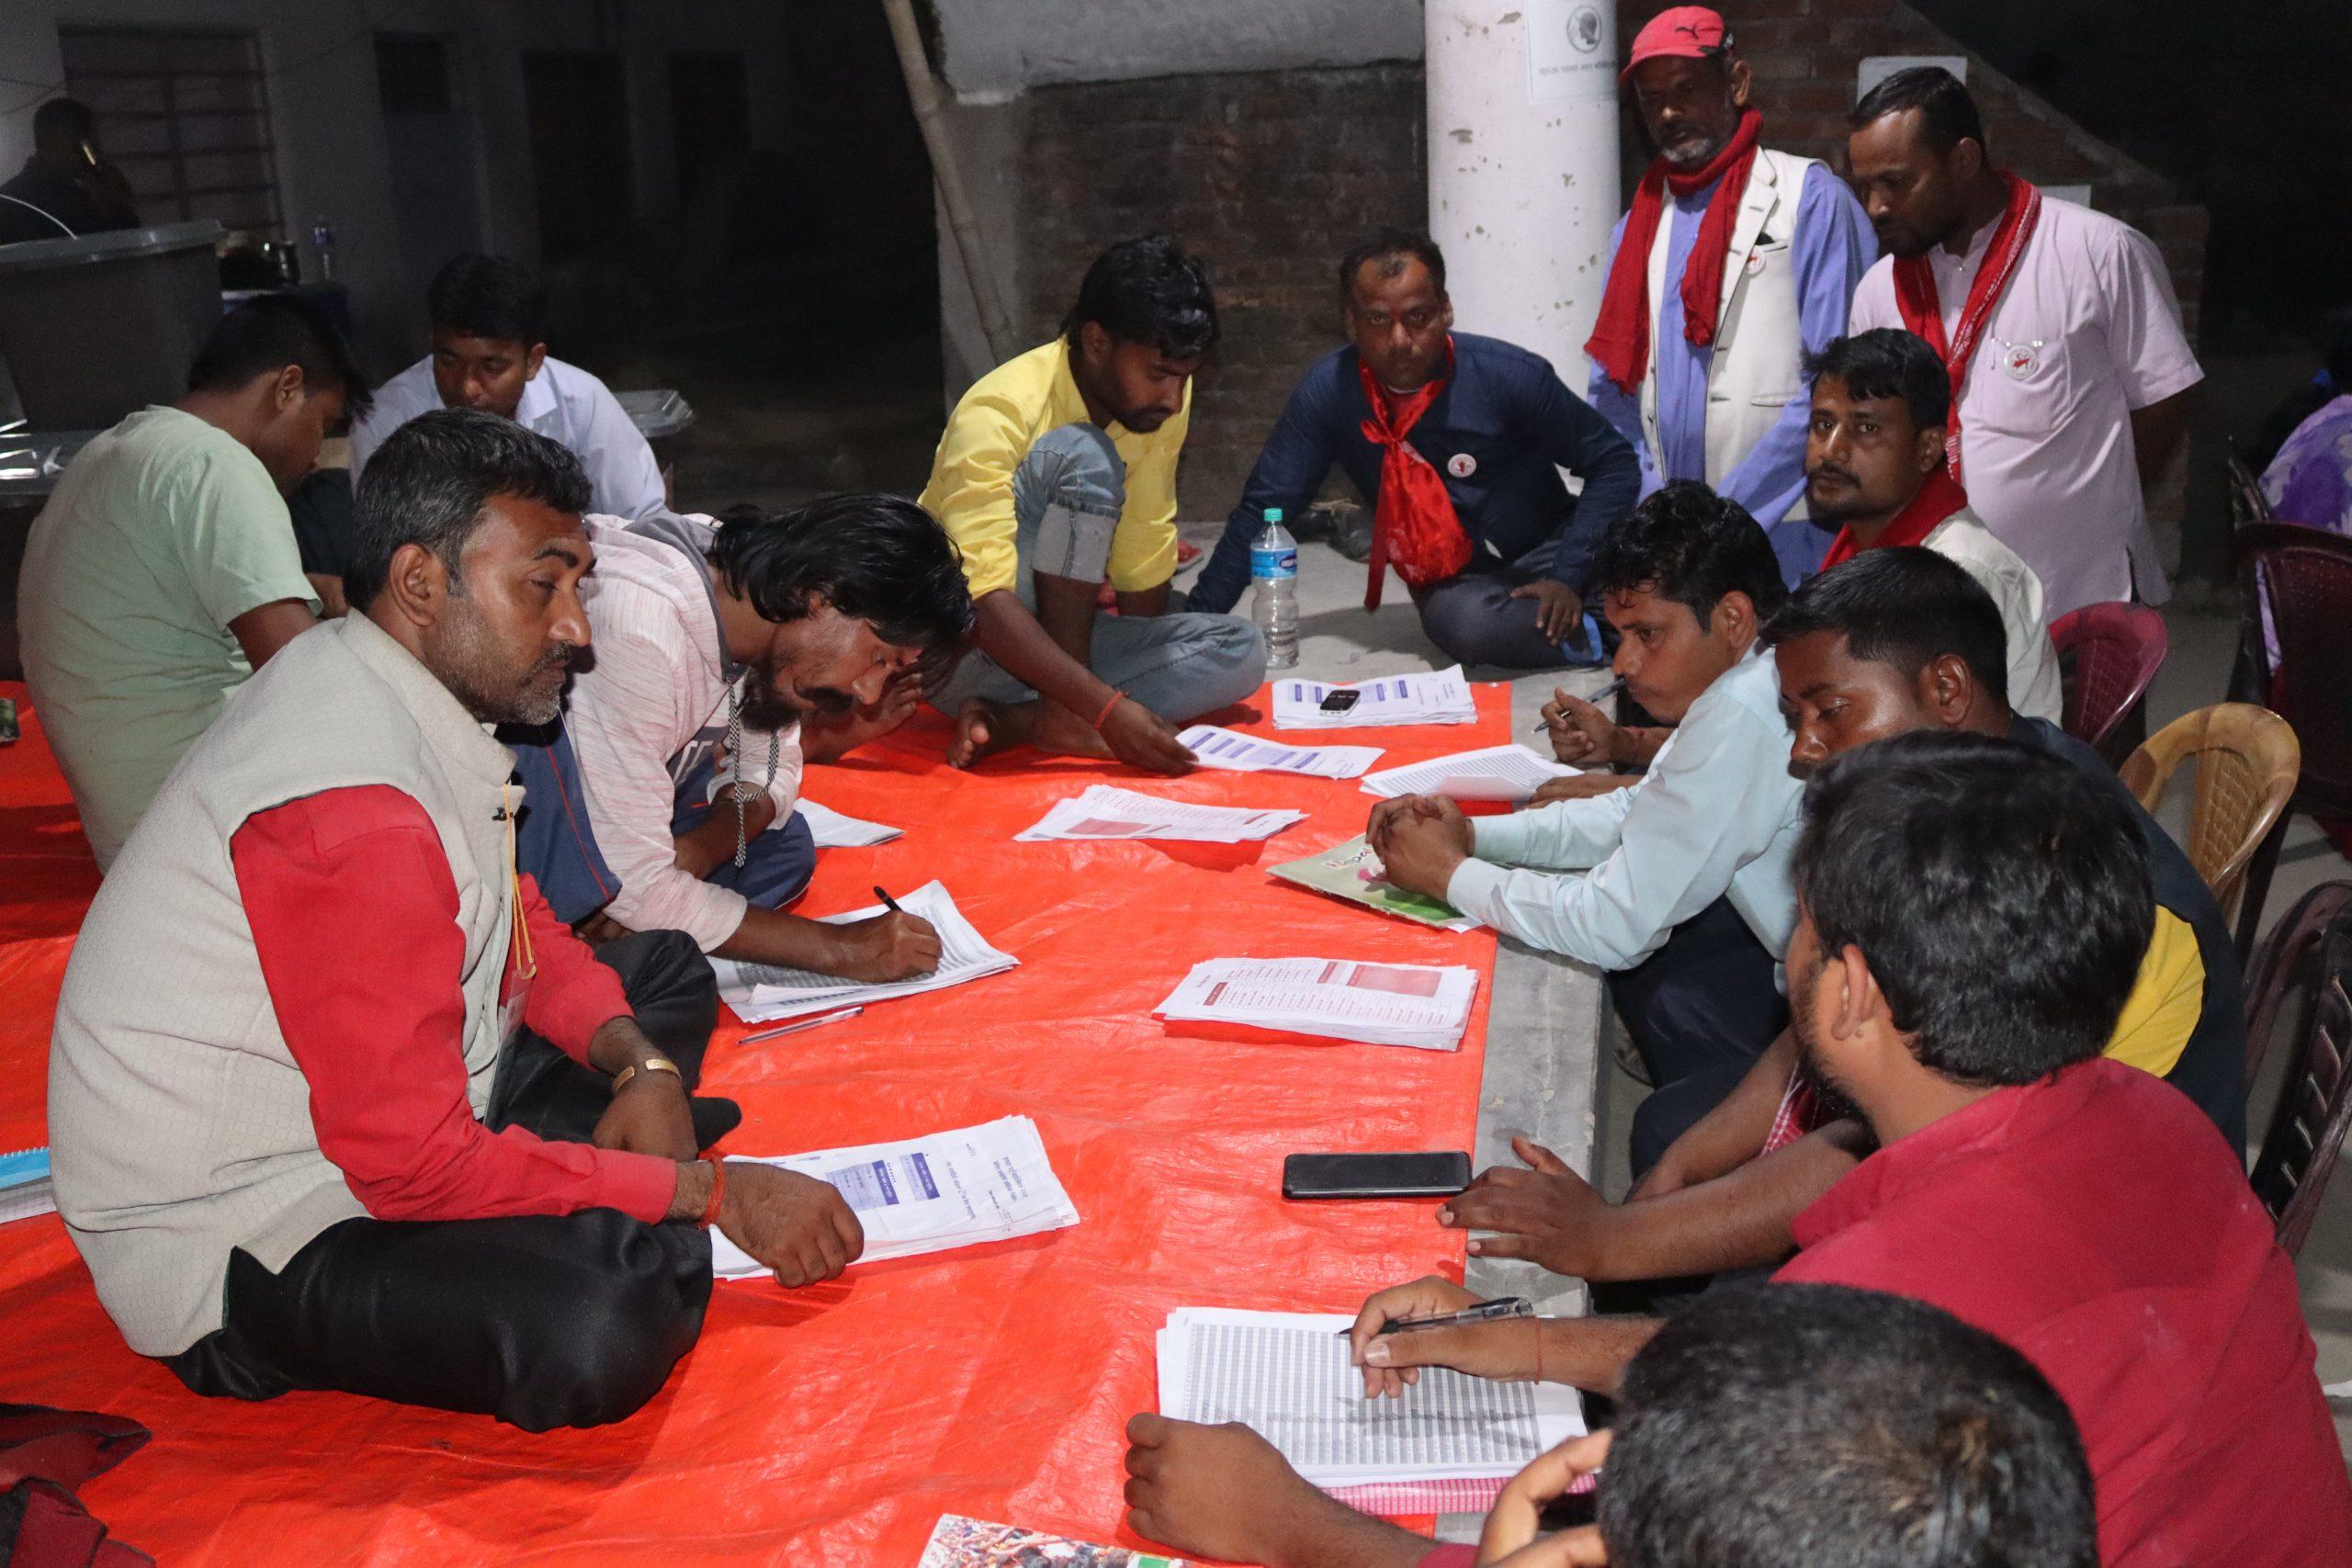 जनमतकाे केन्द्रिय कार्यकारिणी समितीकाे निर्वाचनका मतगणना मात्र ५ प्रतिशत बाँकी